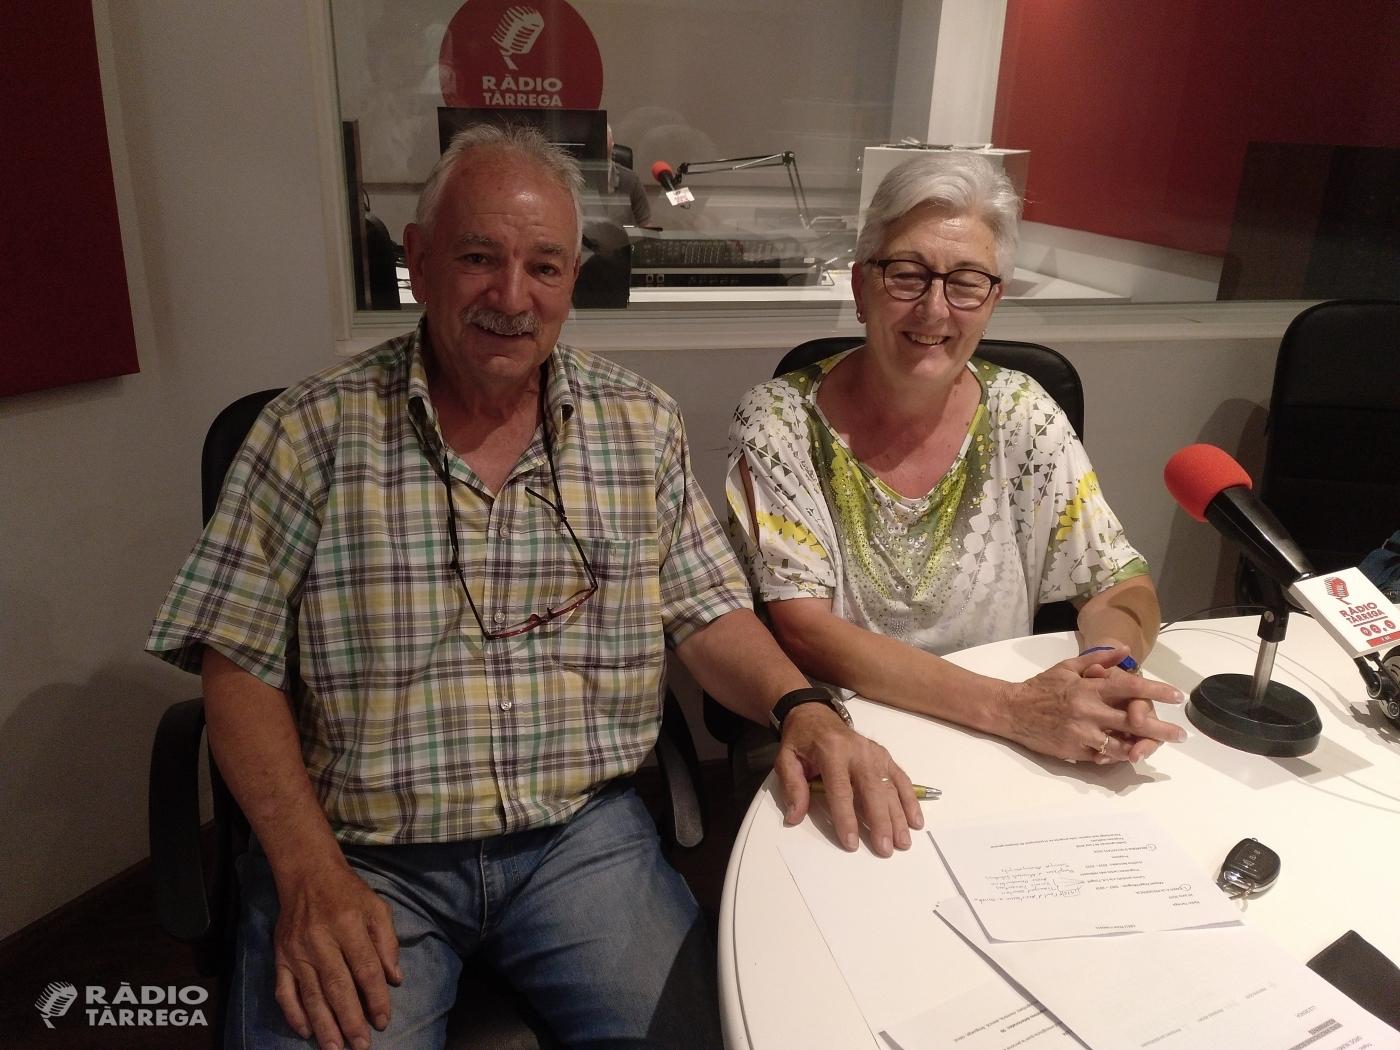 Josefina Bernades és la nova presidenta de Creu Roja Urgell, agafant el relleu de Miquel Àngel Mingote que ha estat al capdavant de l'entitat des de fa 12 anys